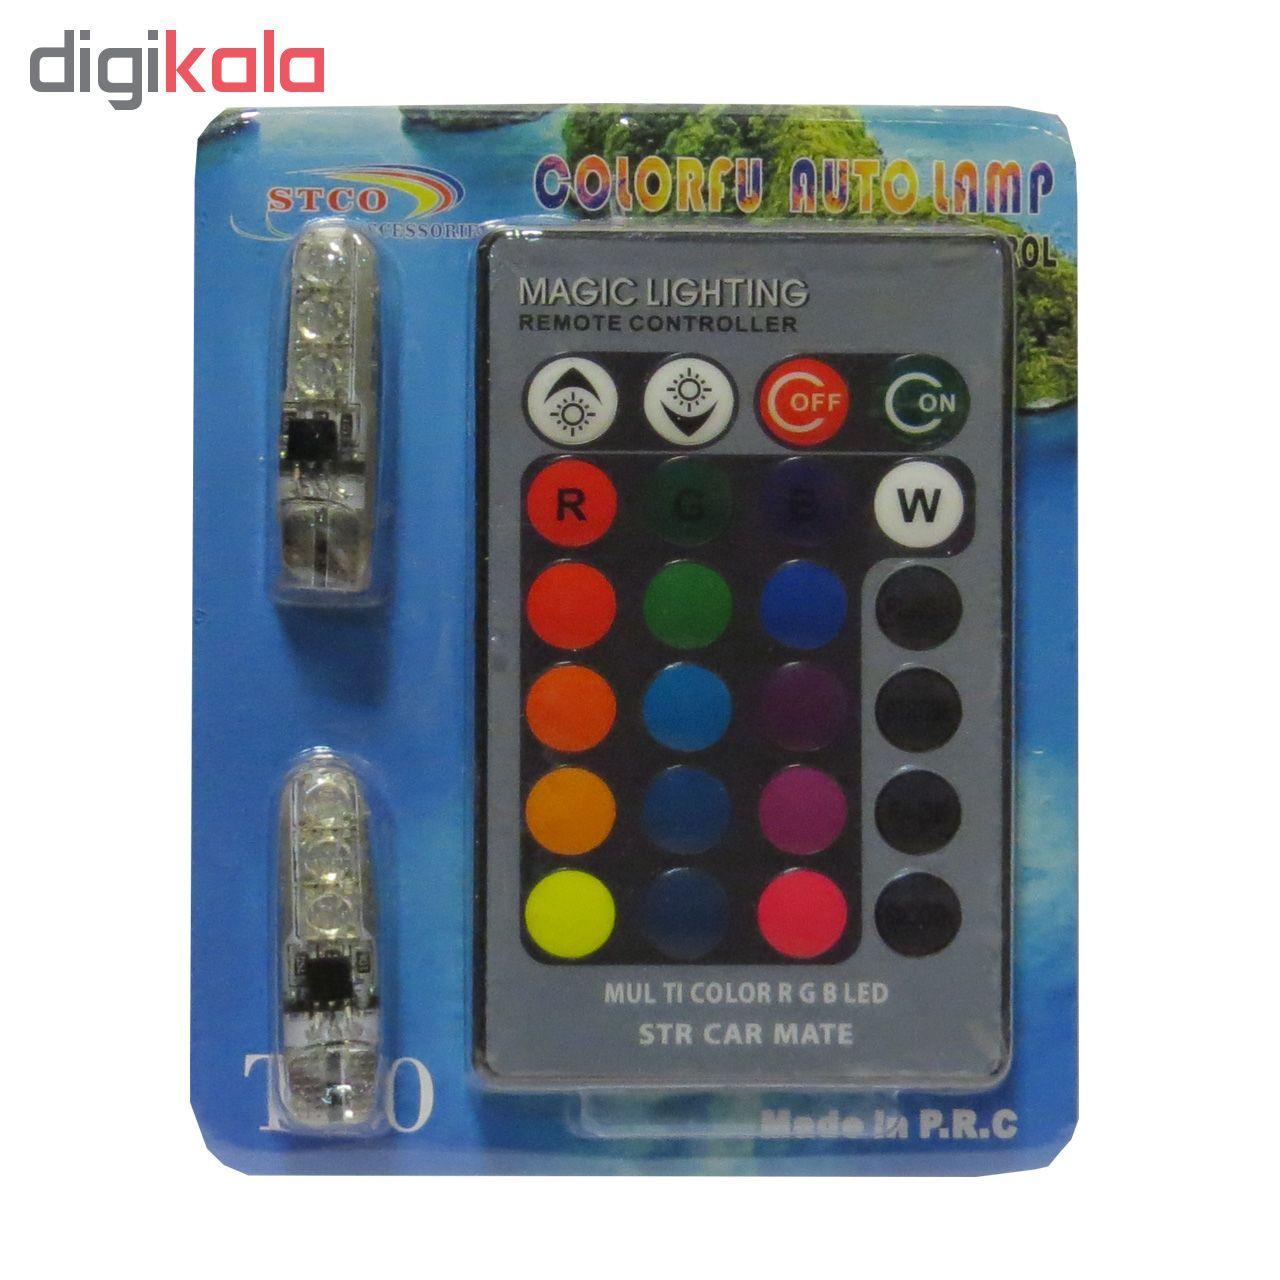 لامپ ال ای دی خودرو اس تی کو مدل کنترل دار Multi Color RGB main 1 2